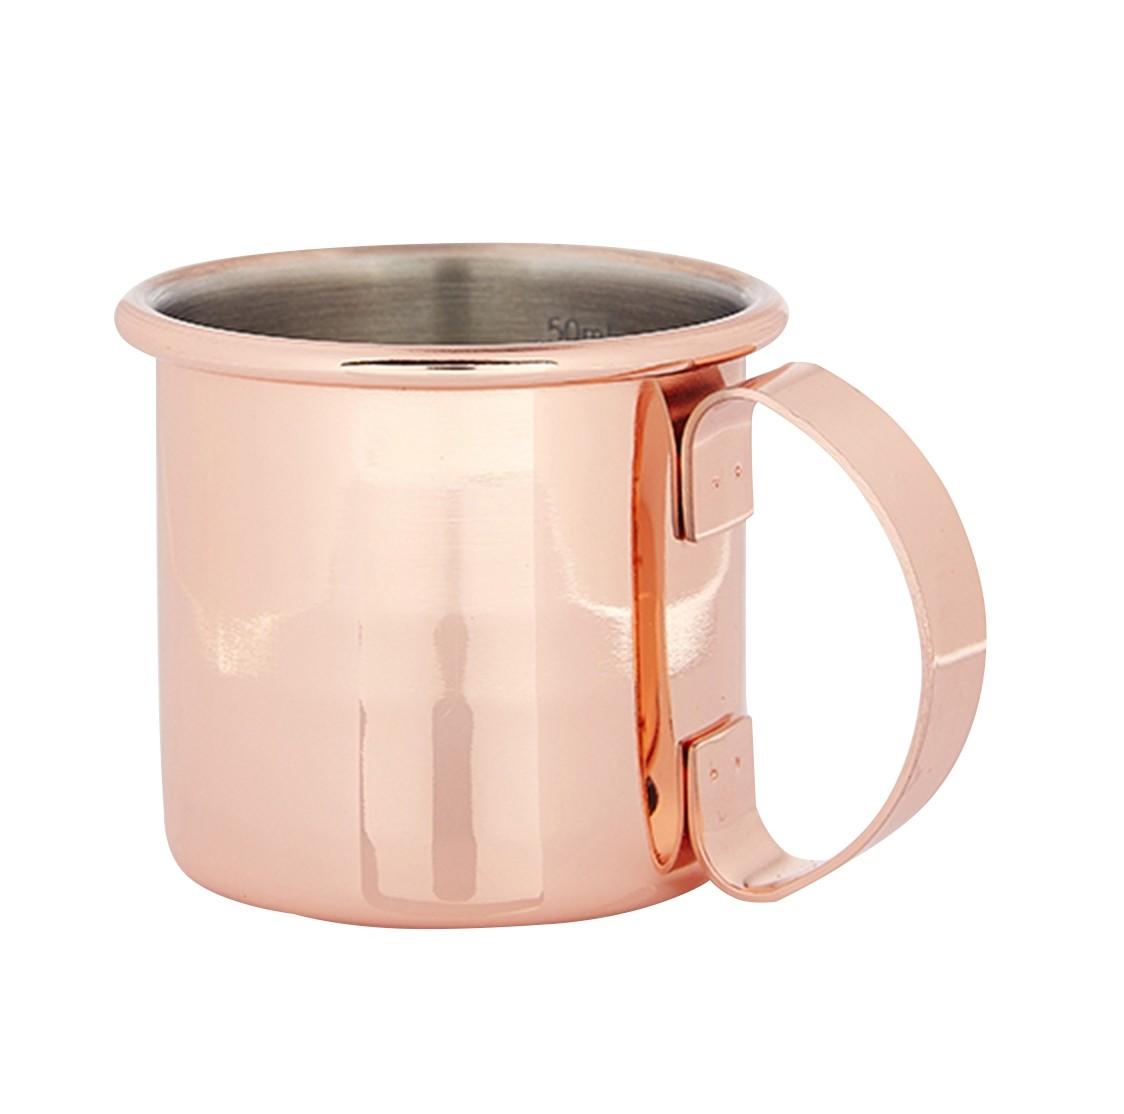 Copper Straight Jigger Mug